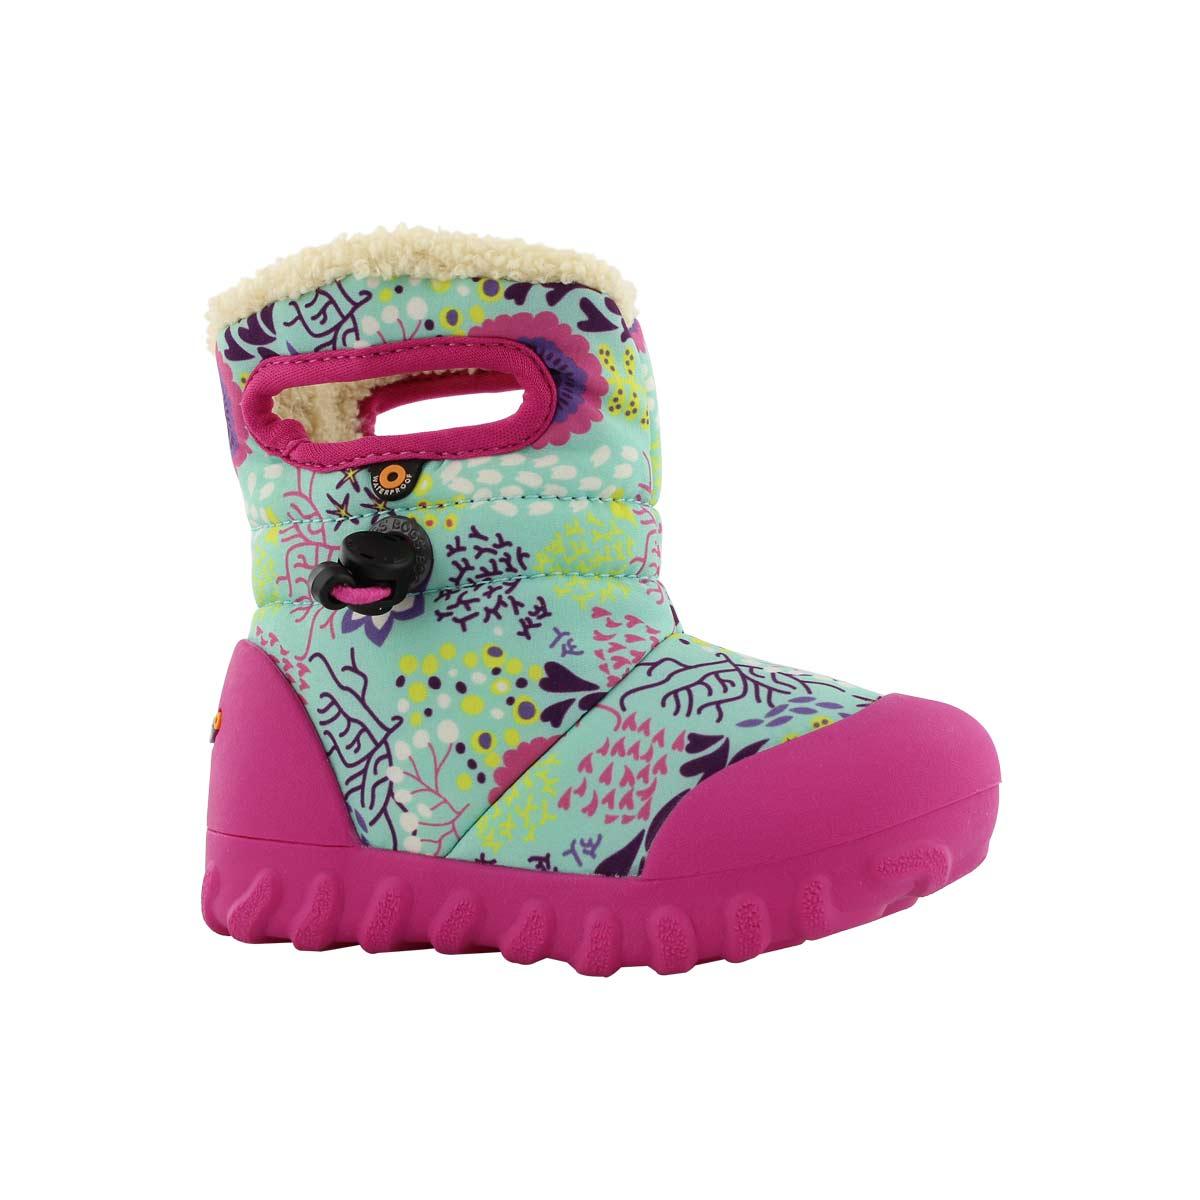 Infant girls B-MOC REEF mint multi waterproof boot